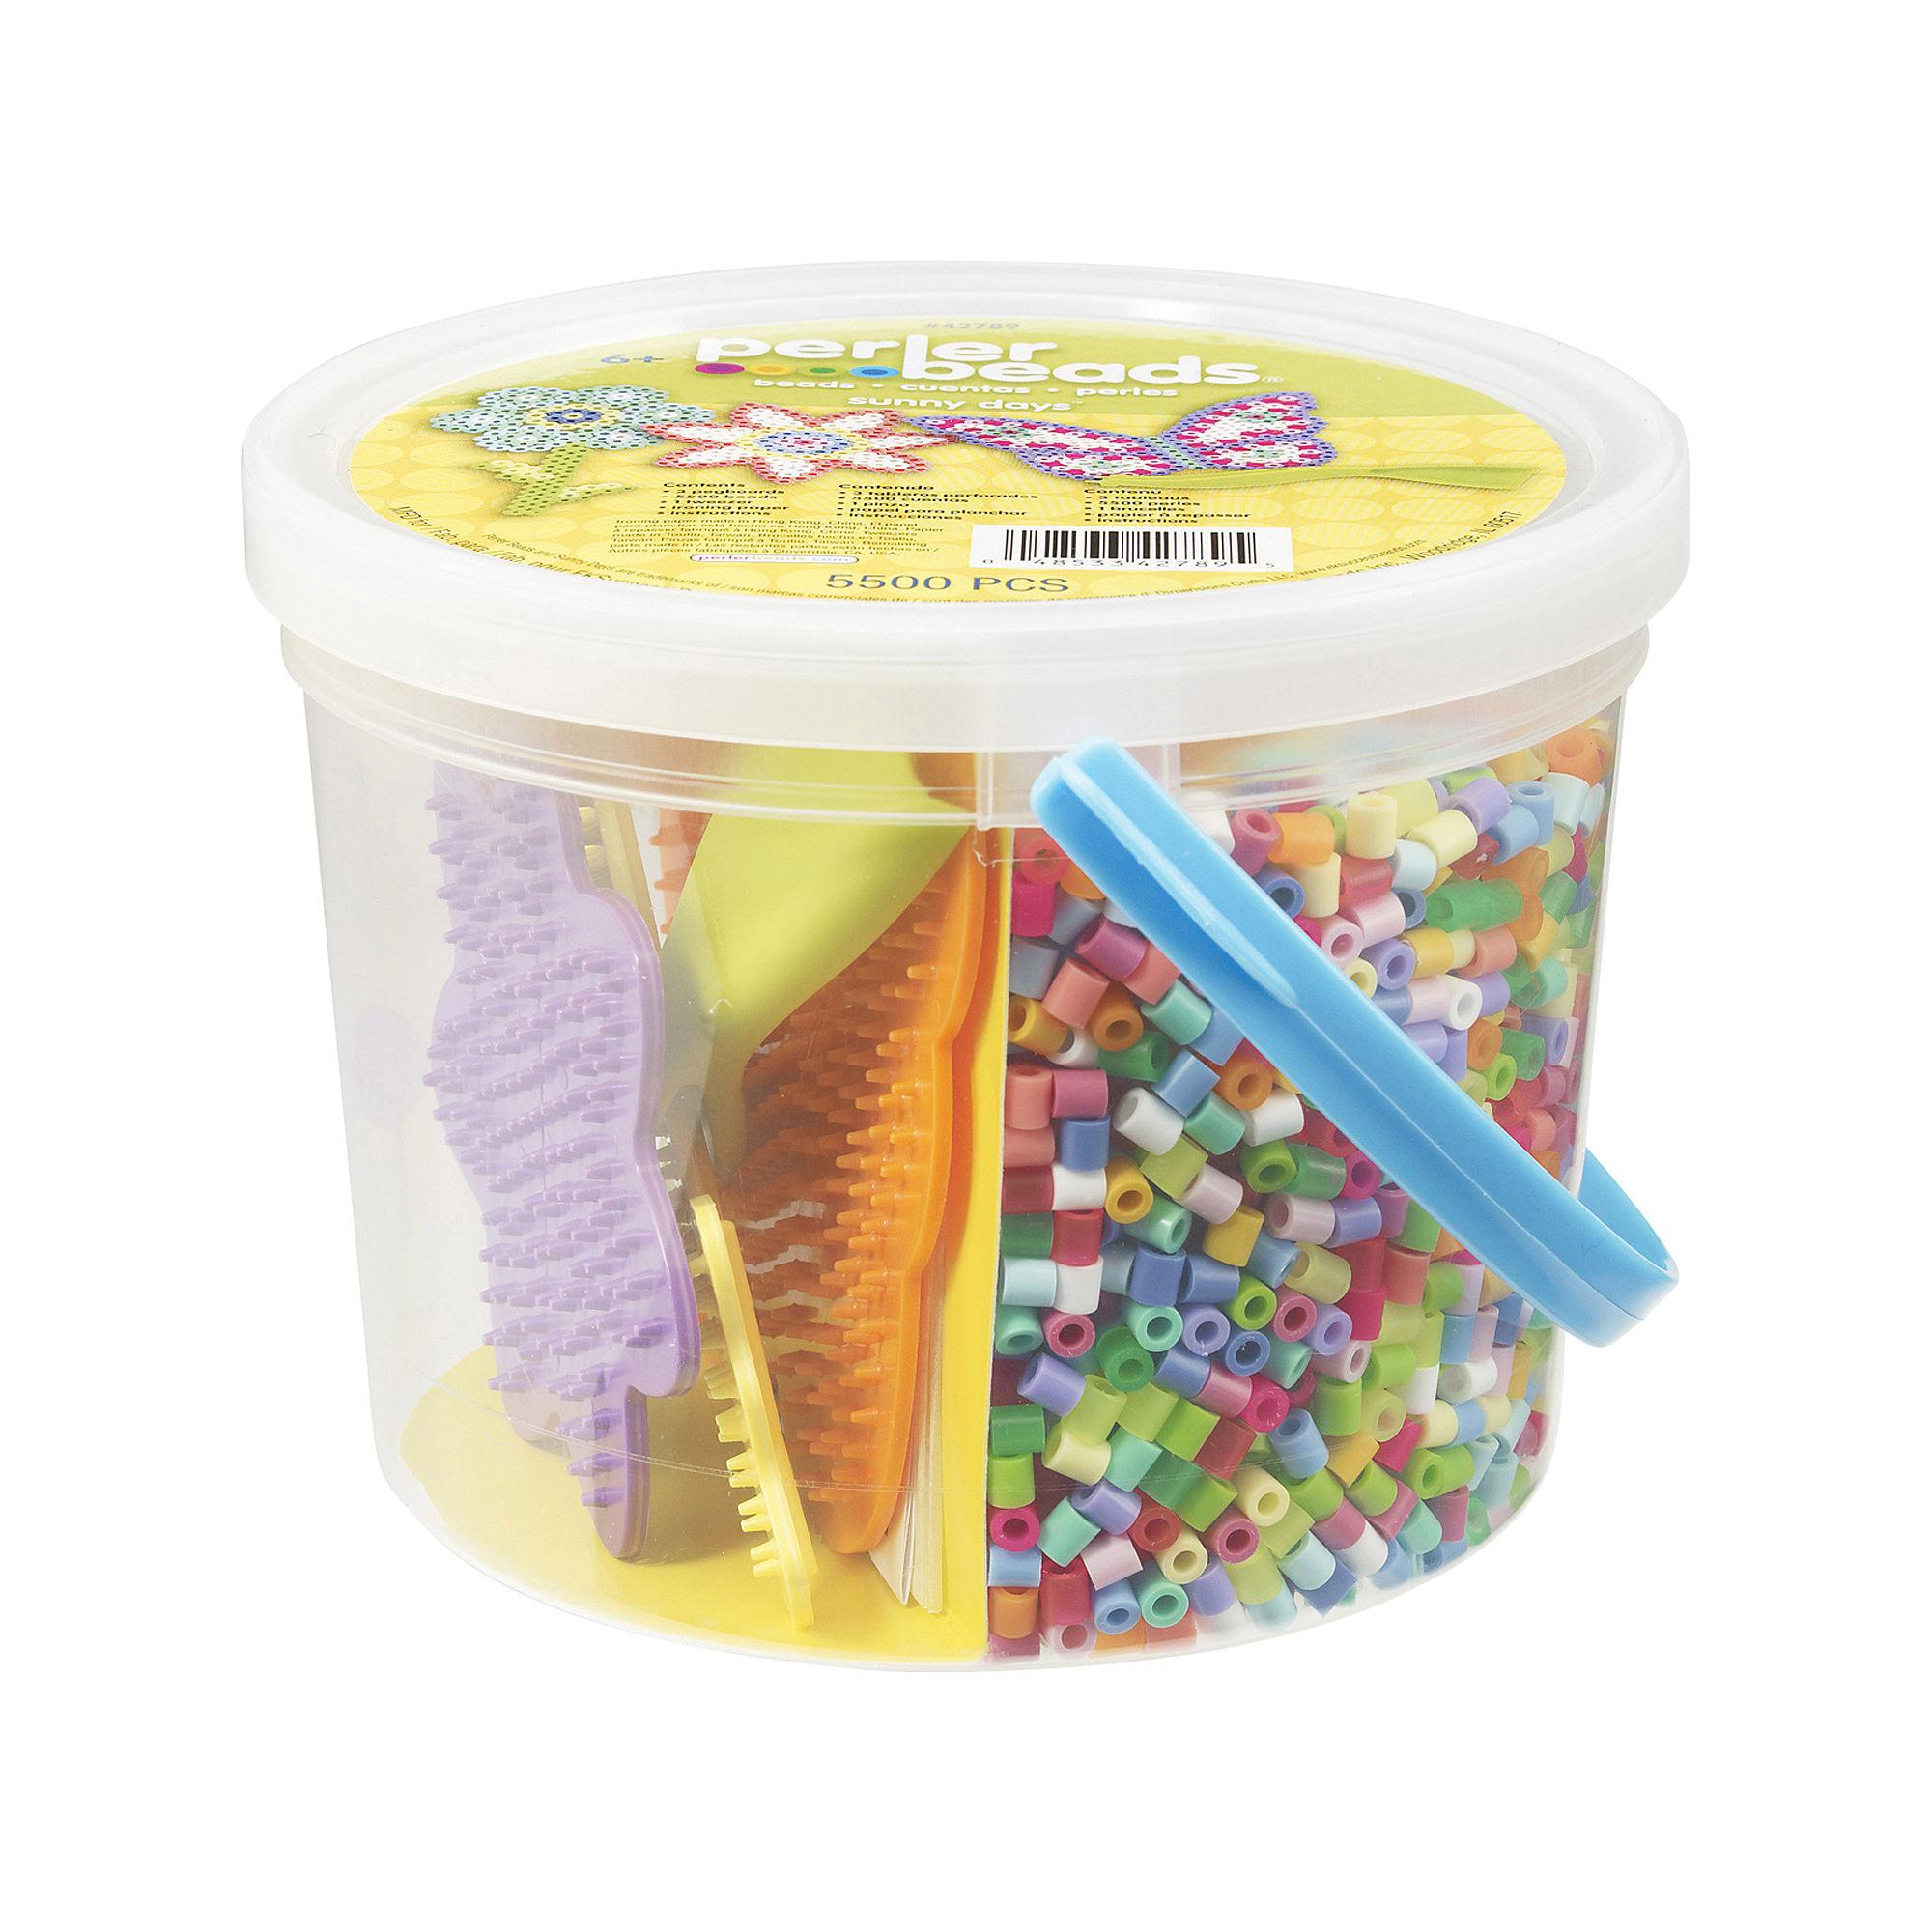 048533427895 UPC - Perler Fuse Bead Bucket Activity Kit